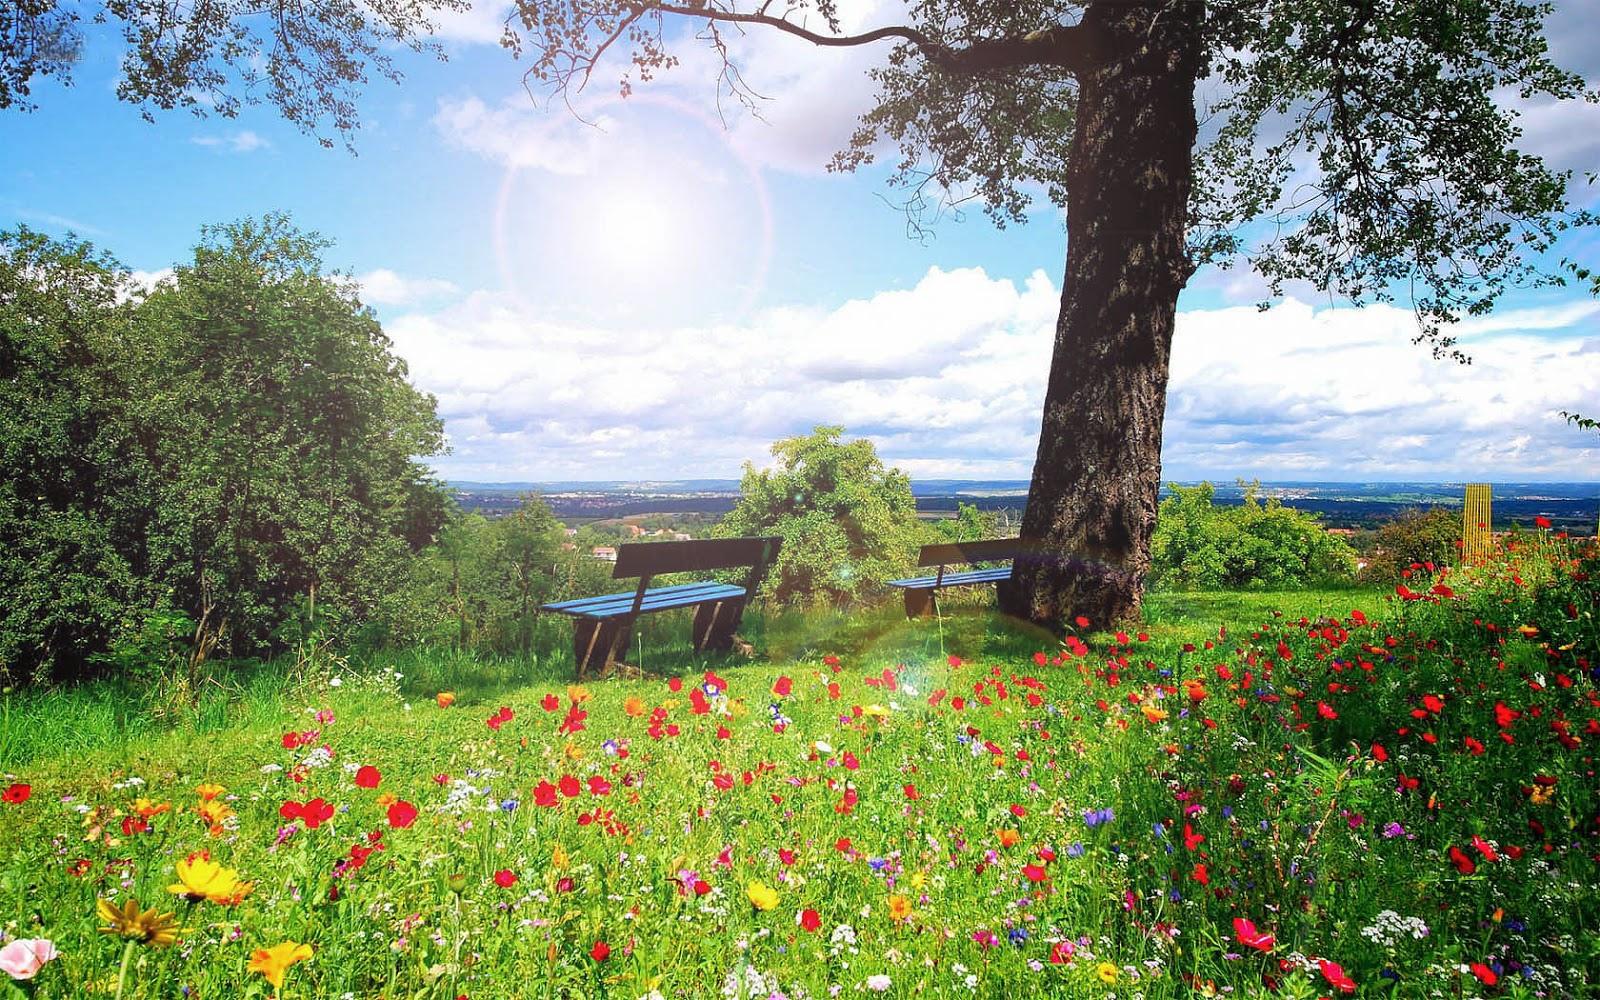 Bloemen, gras, struiken en een boom